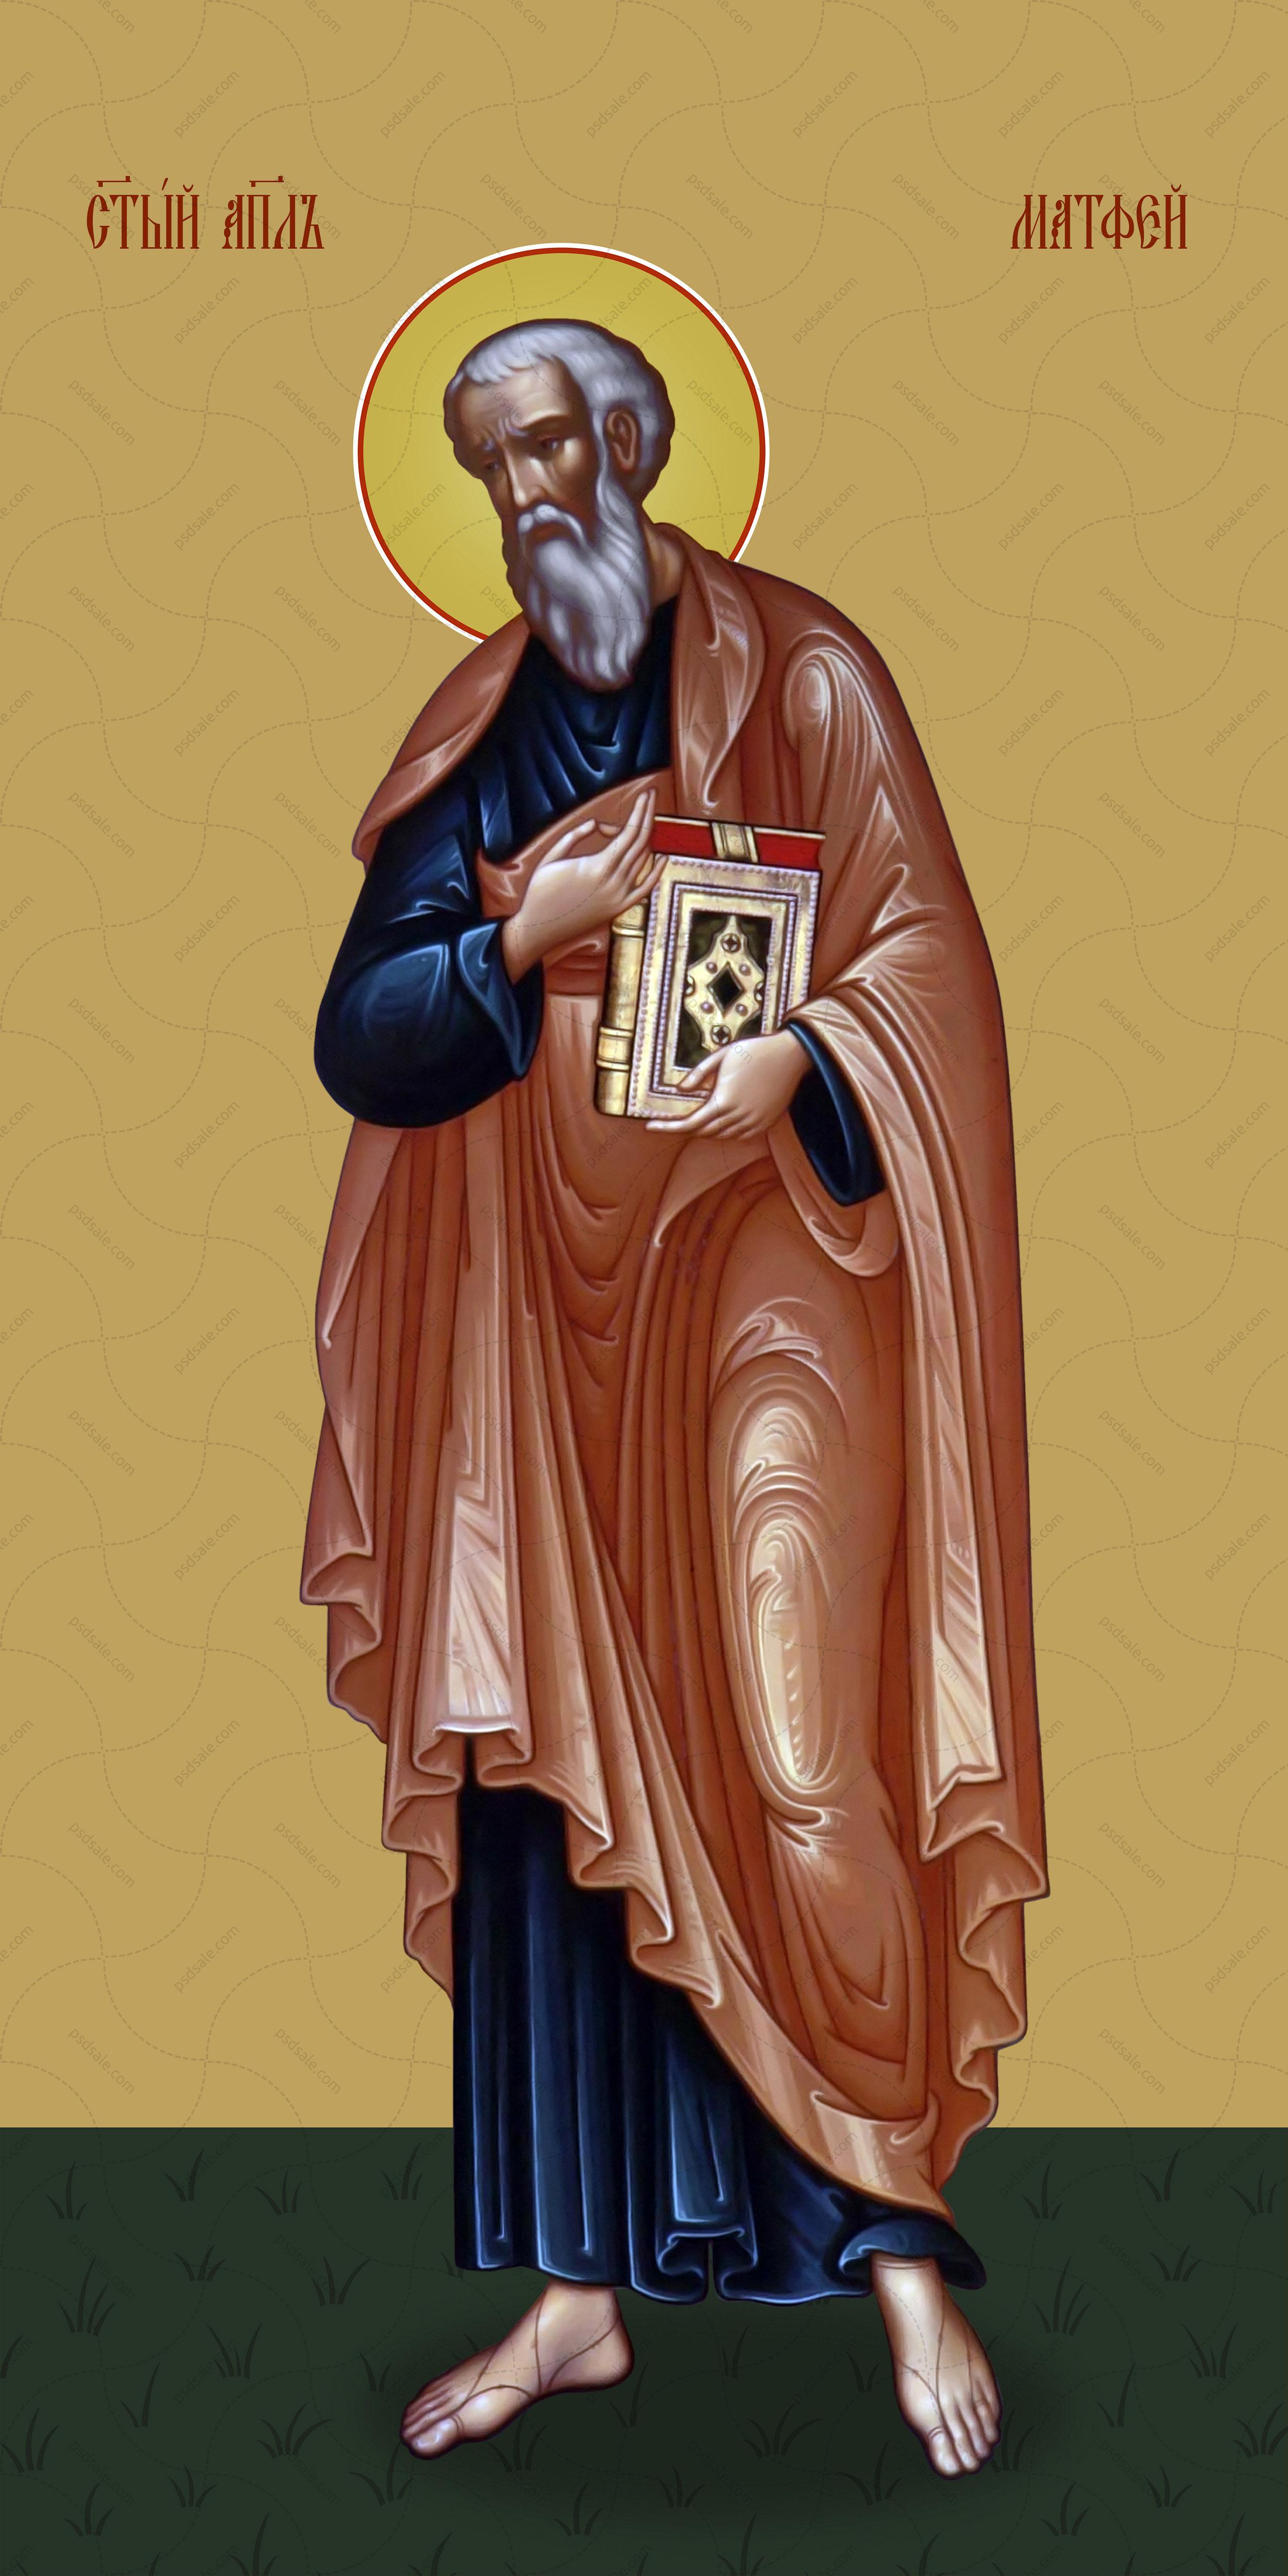 Мерная икона, Матфей, апостол